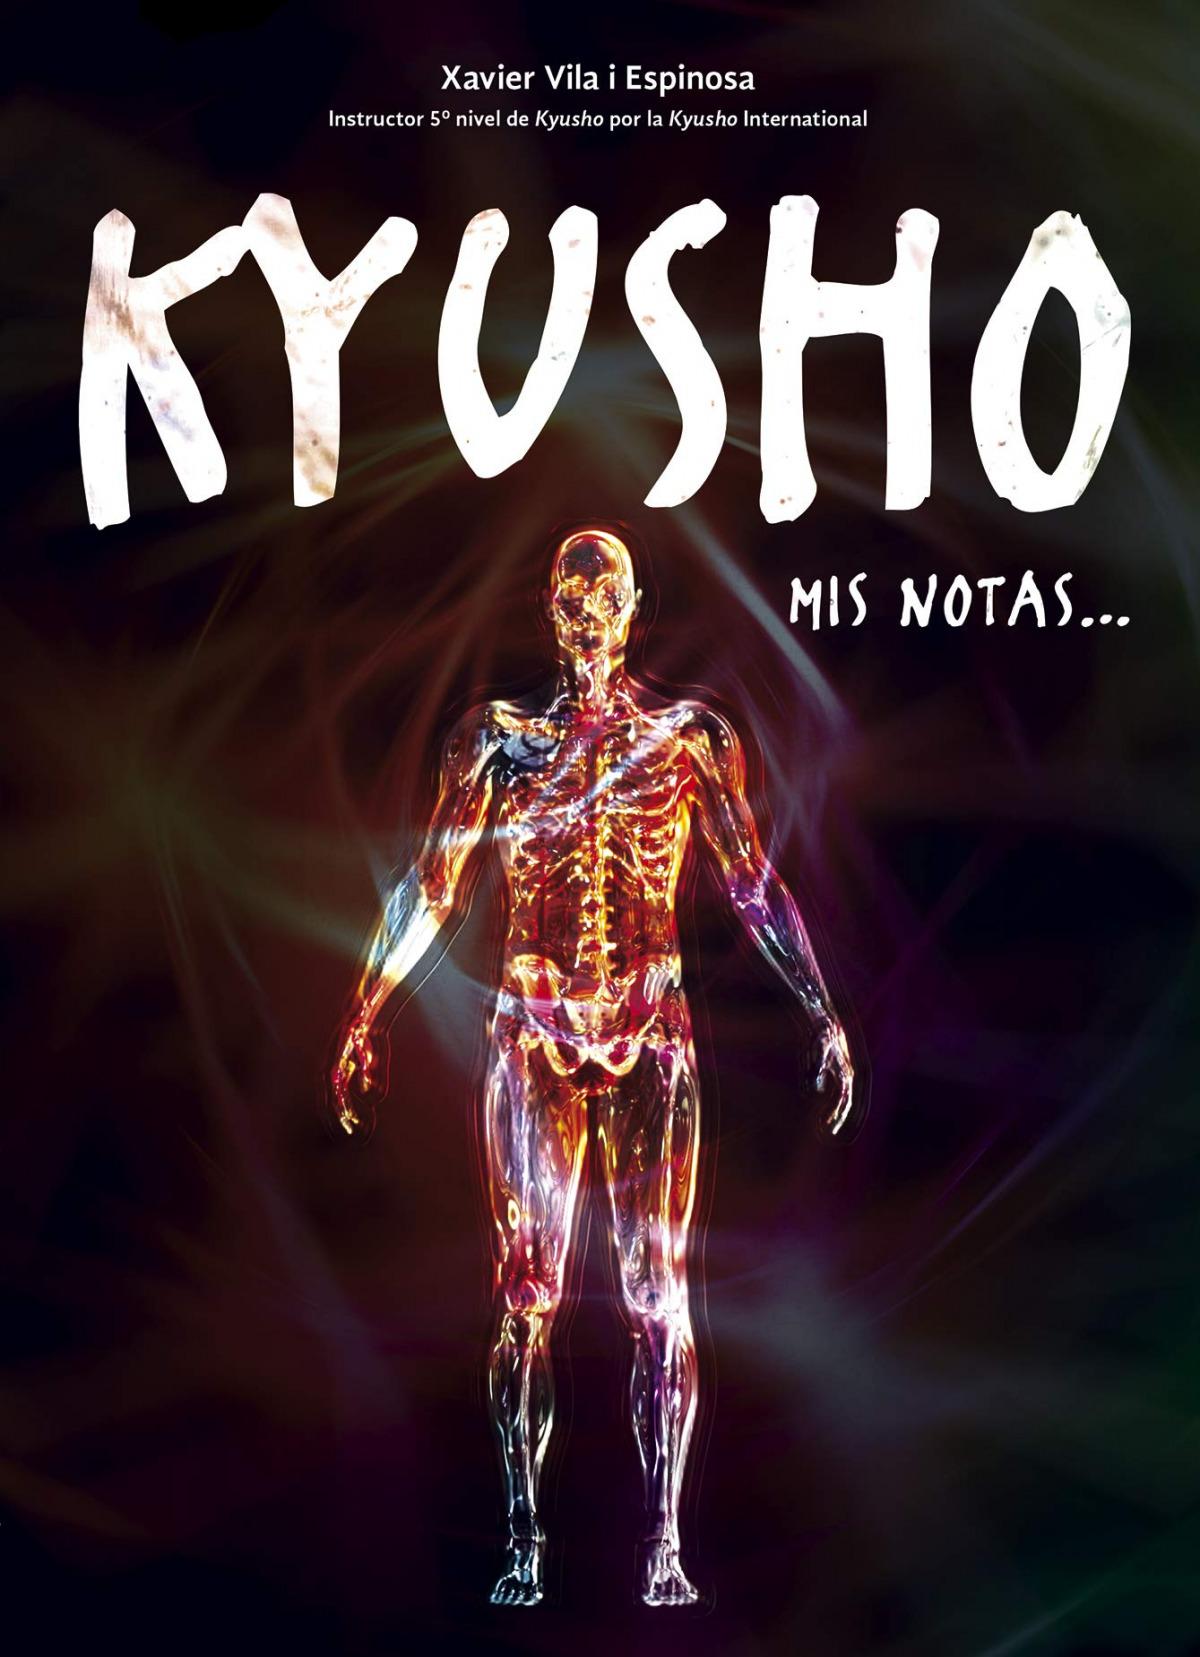 Kyusho.mis notas..